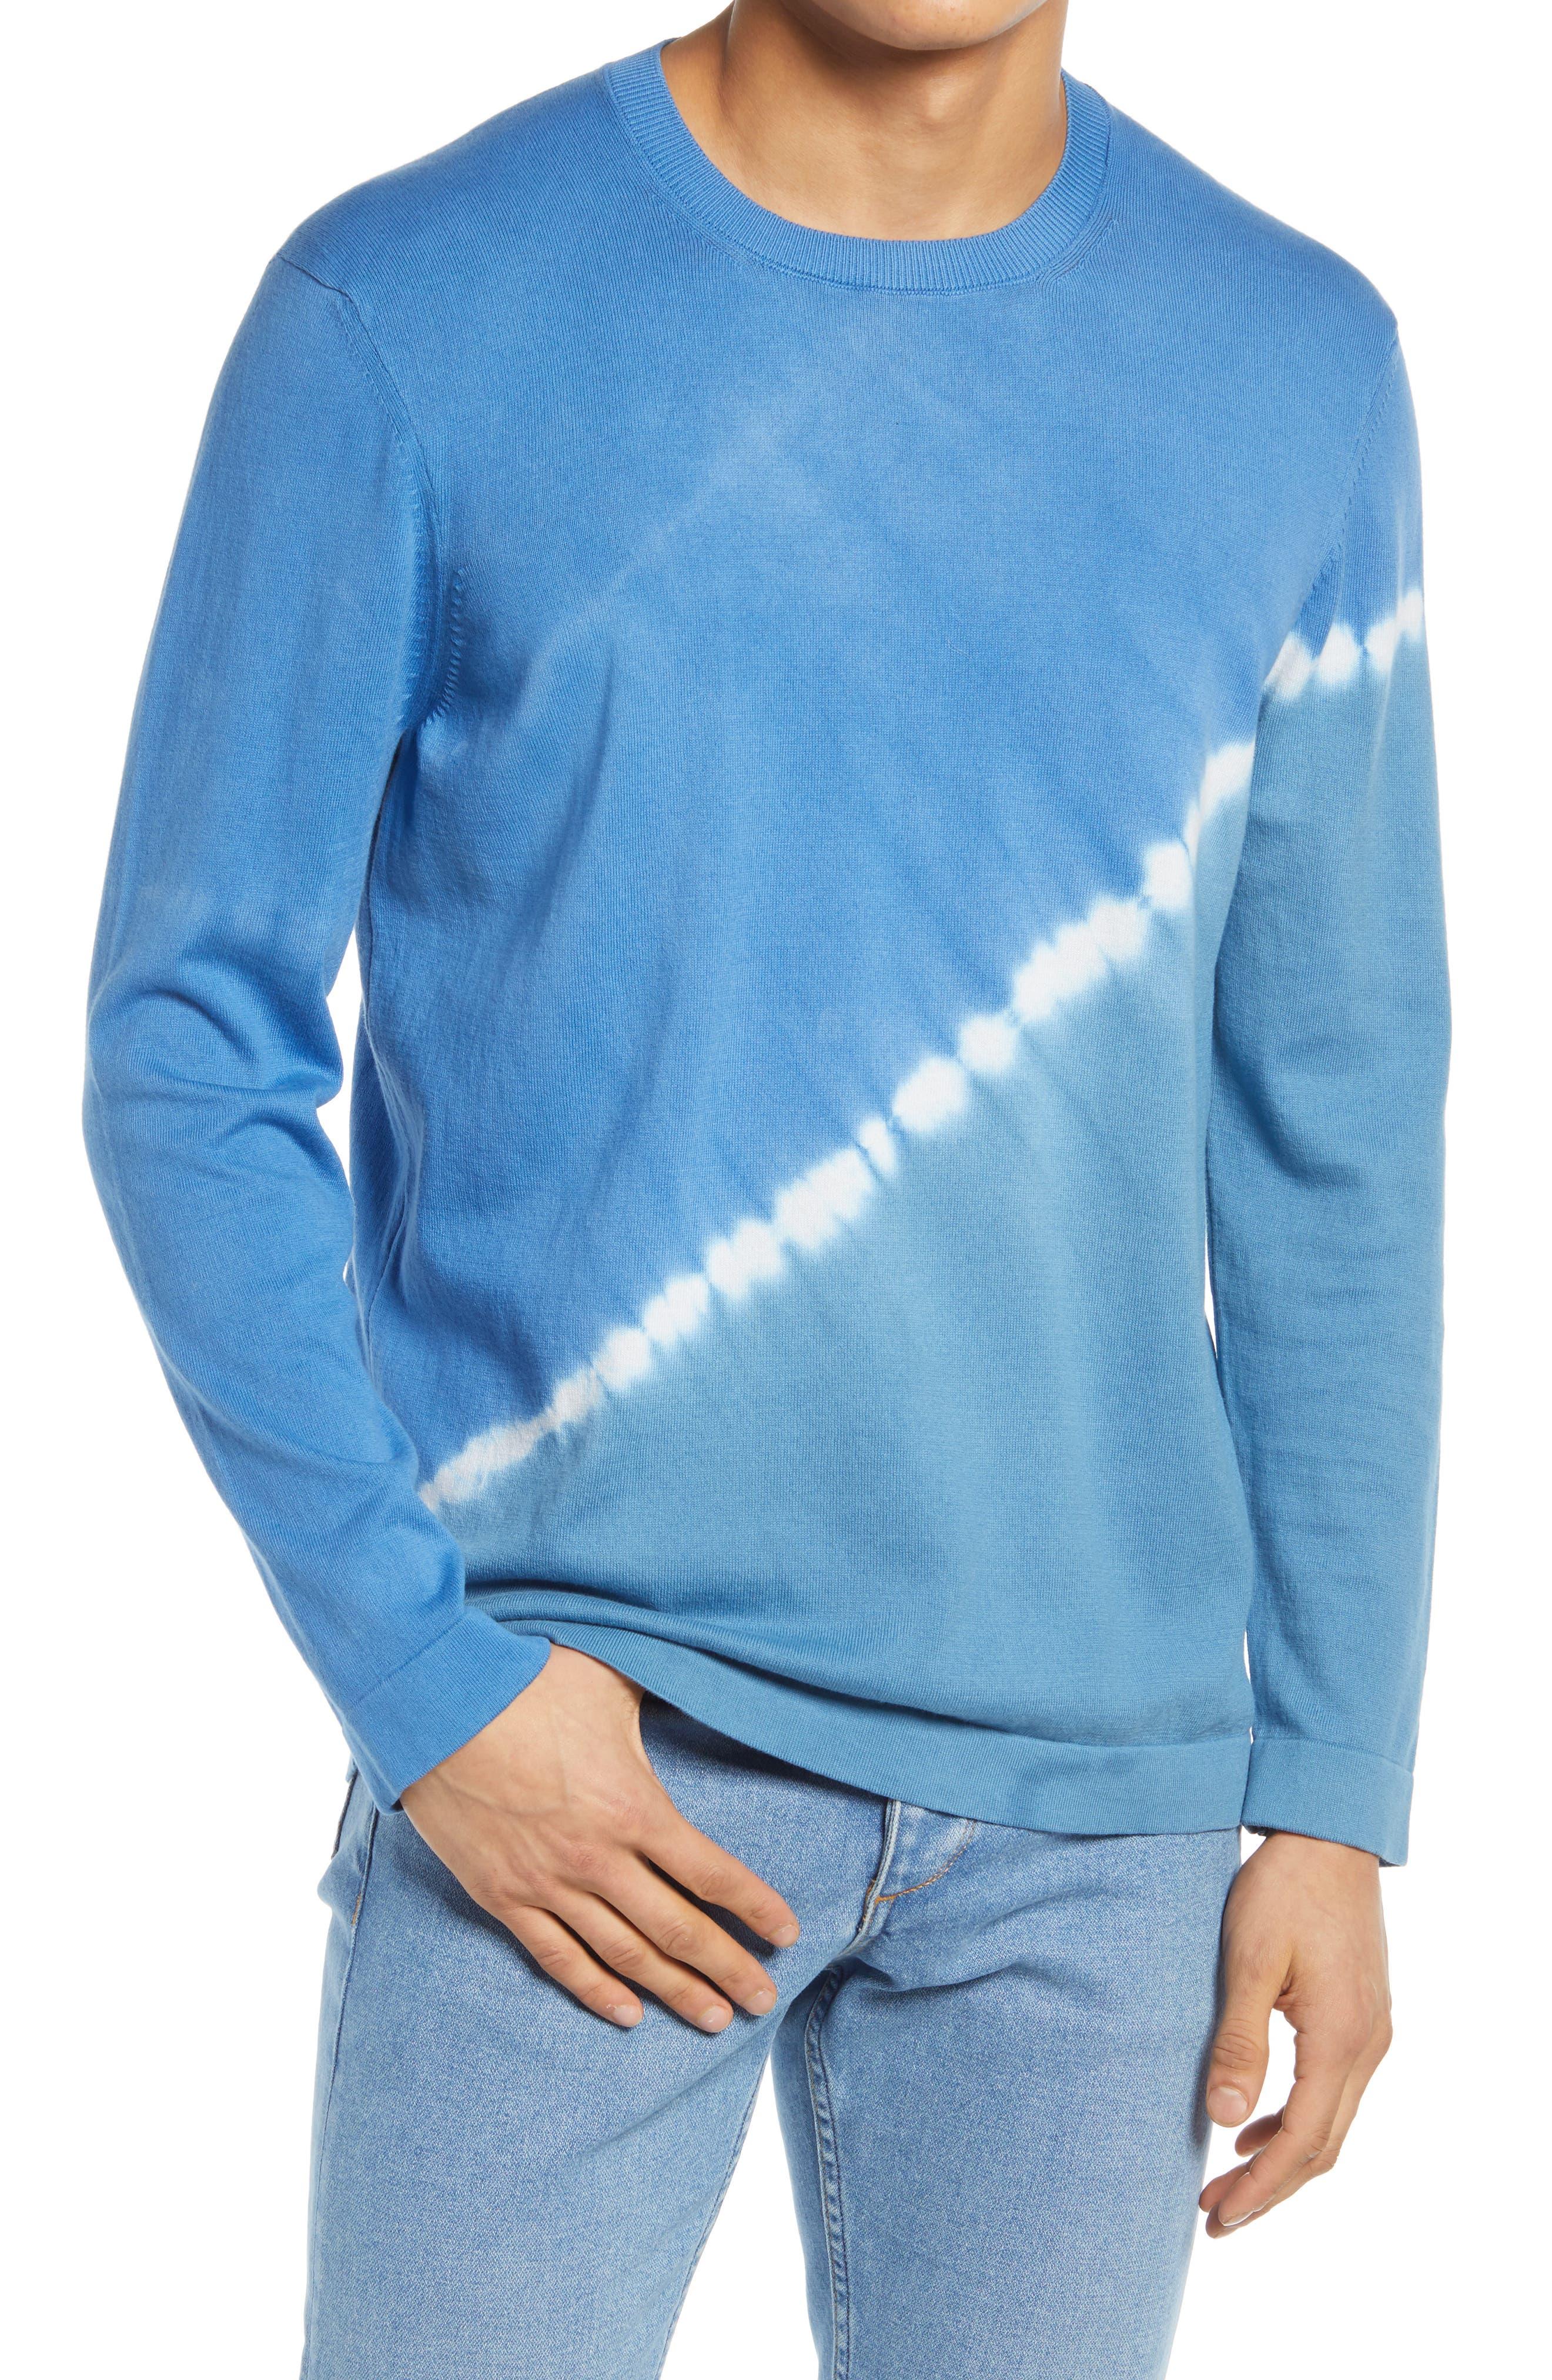 Dip Dye Cotton Sweater